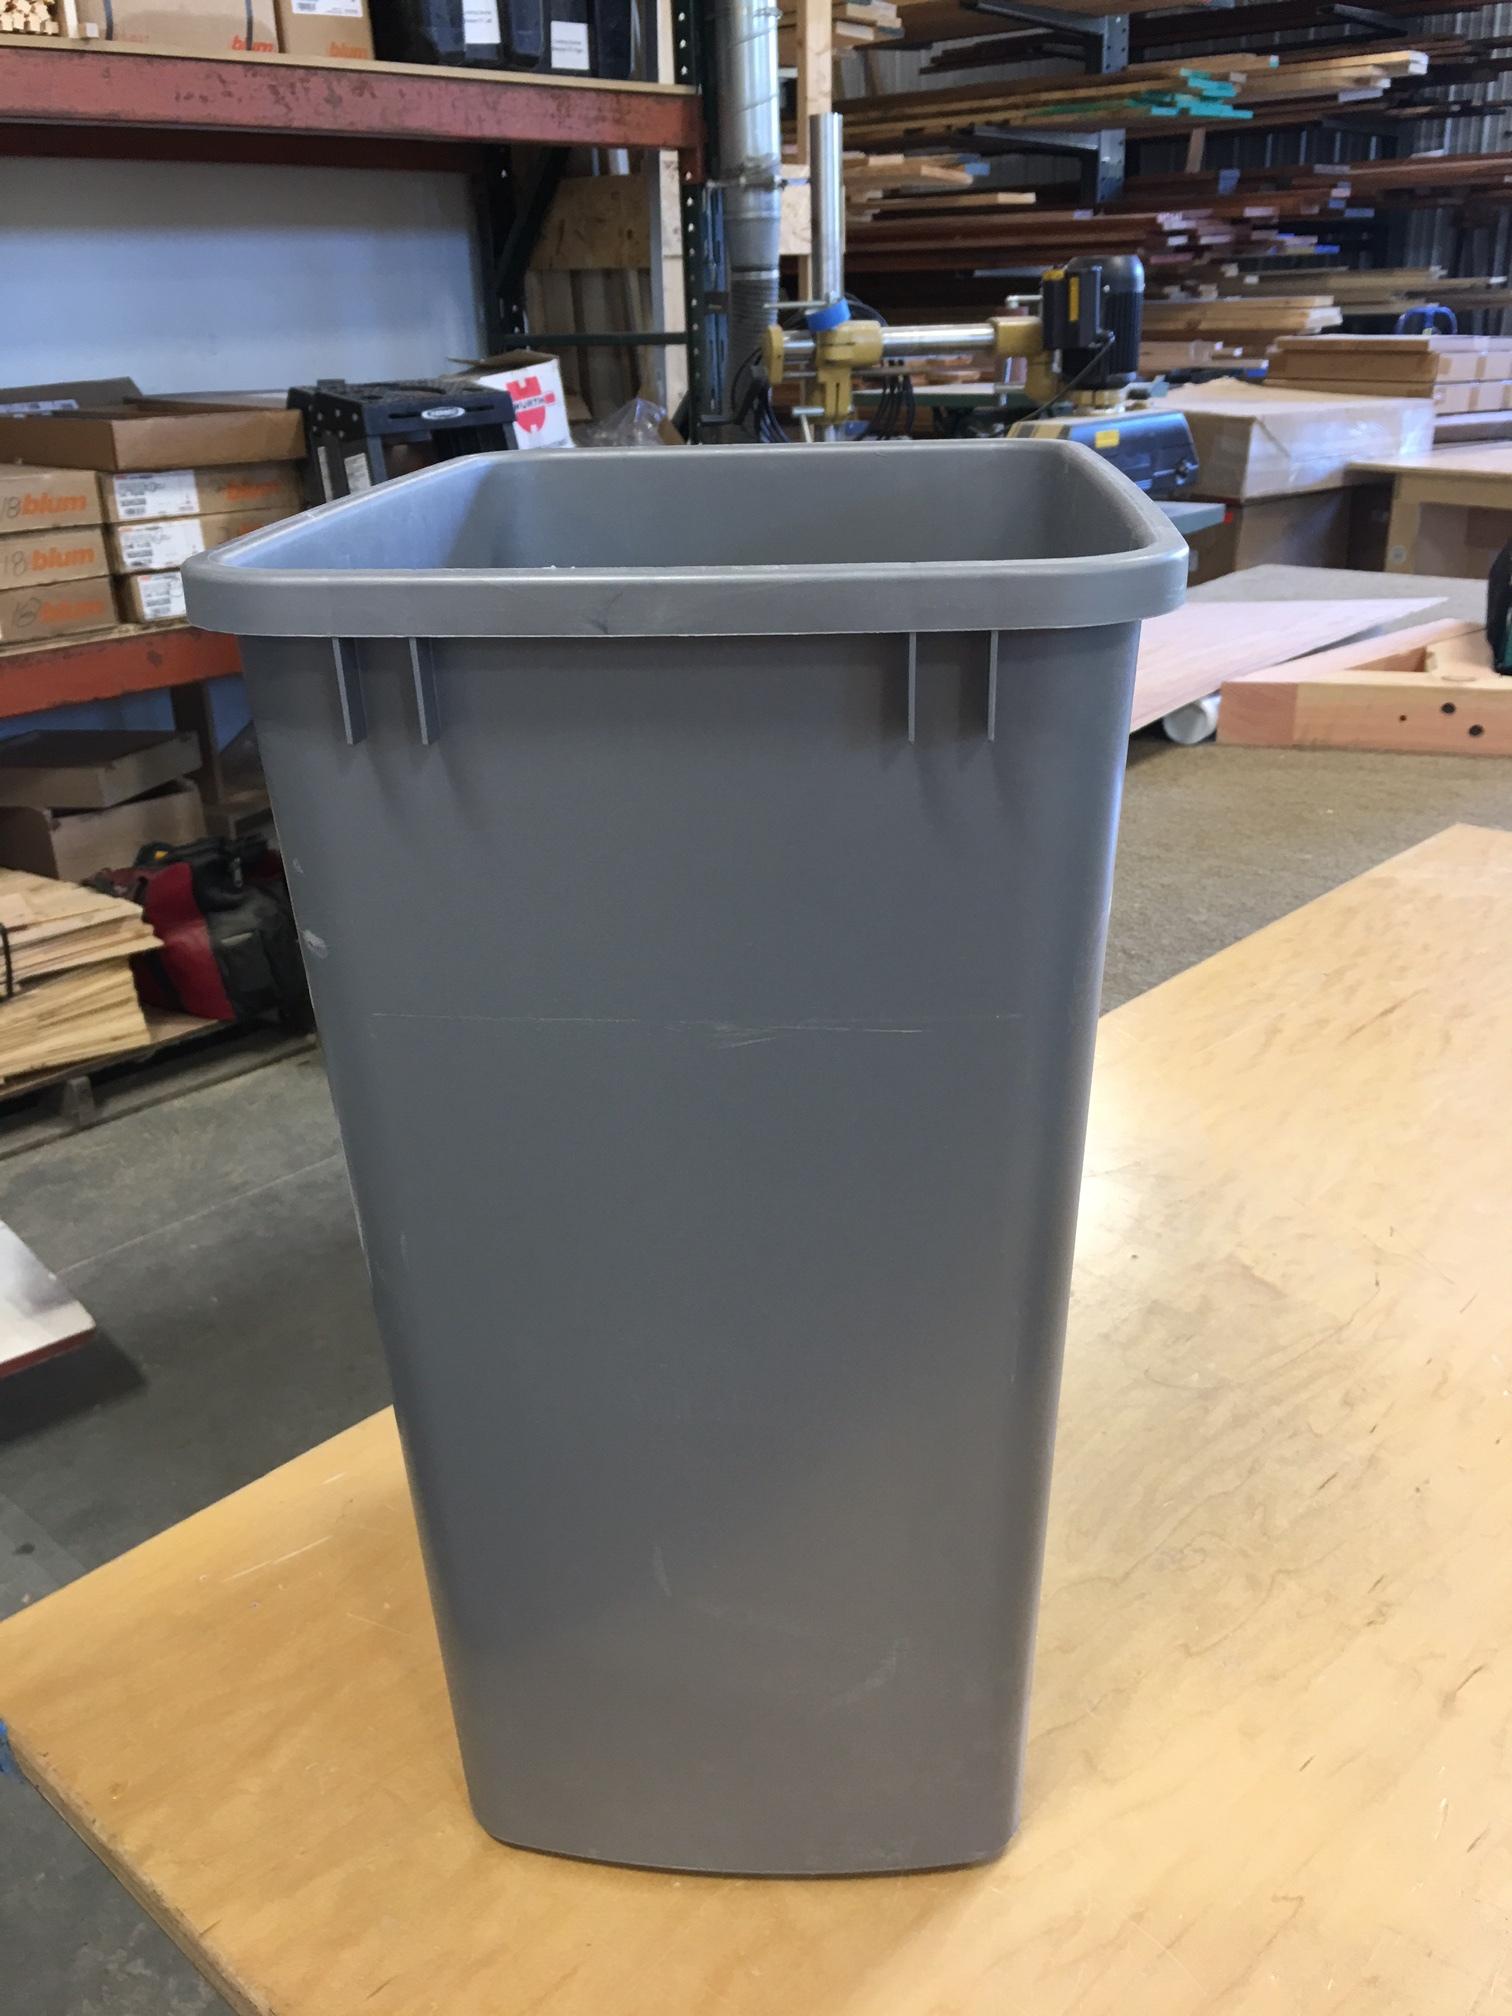 1 trash bin